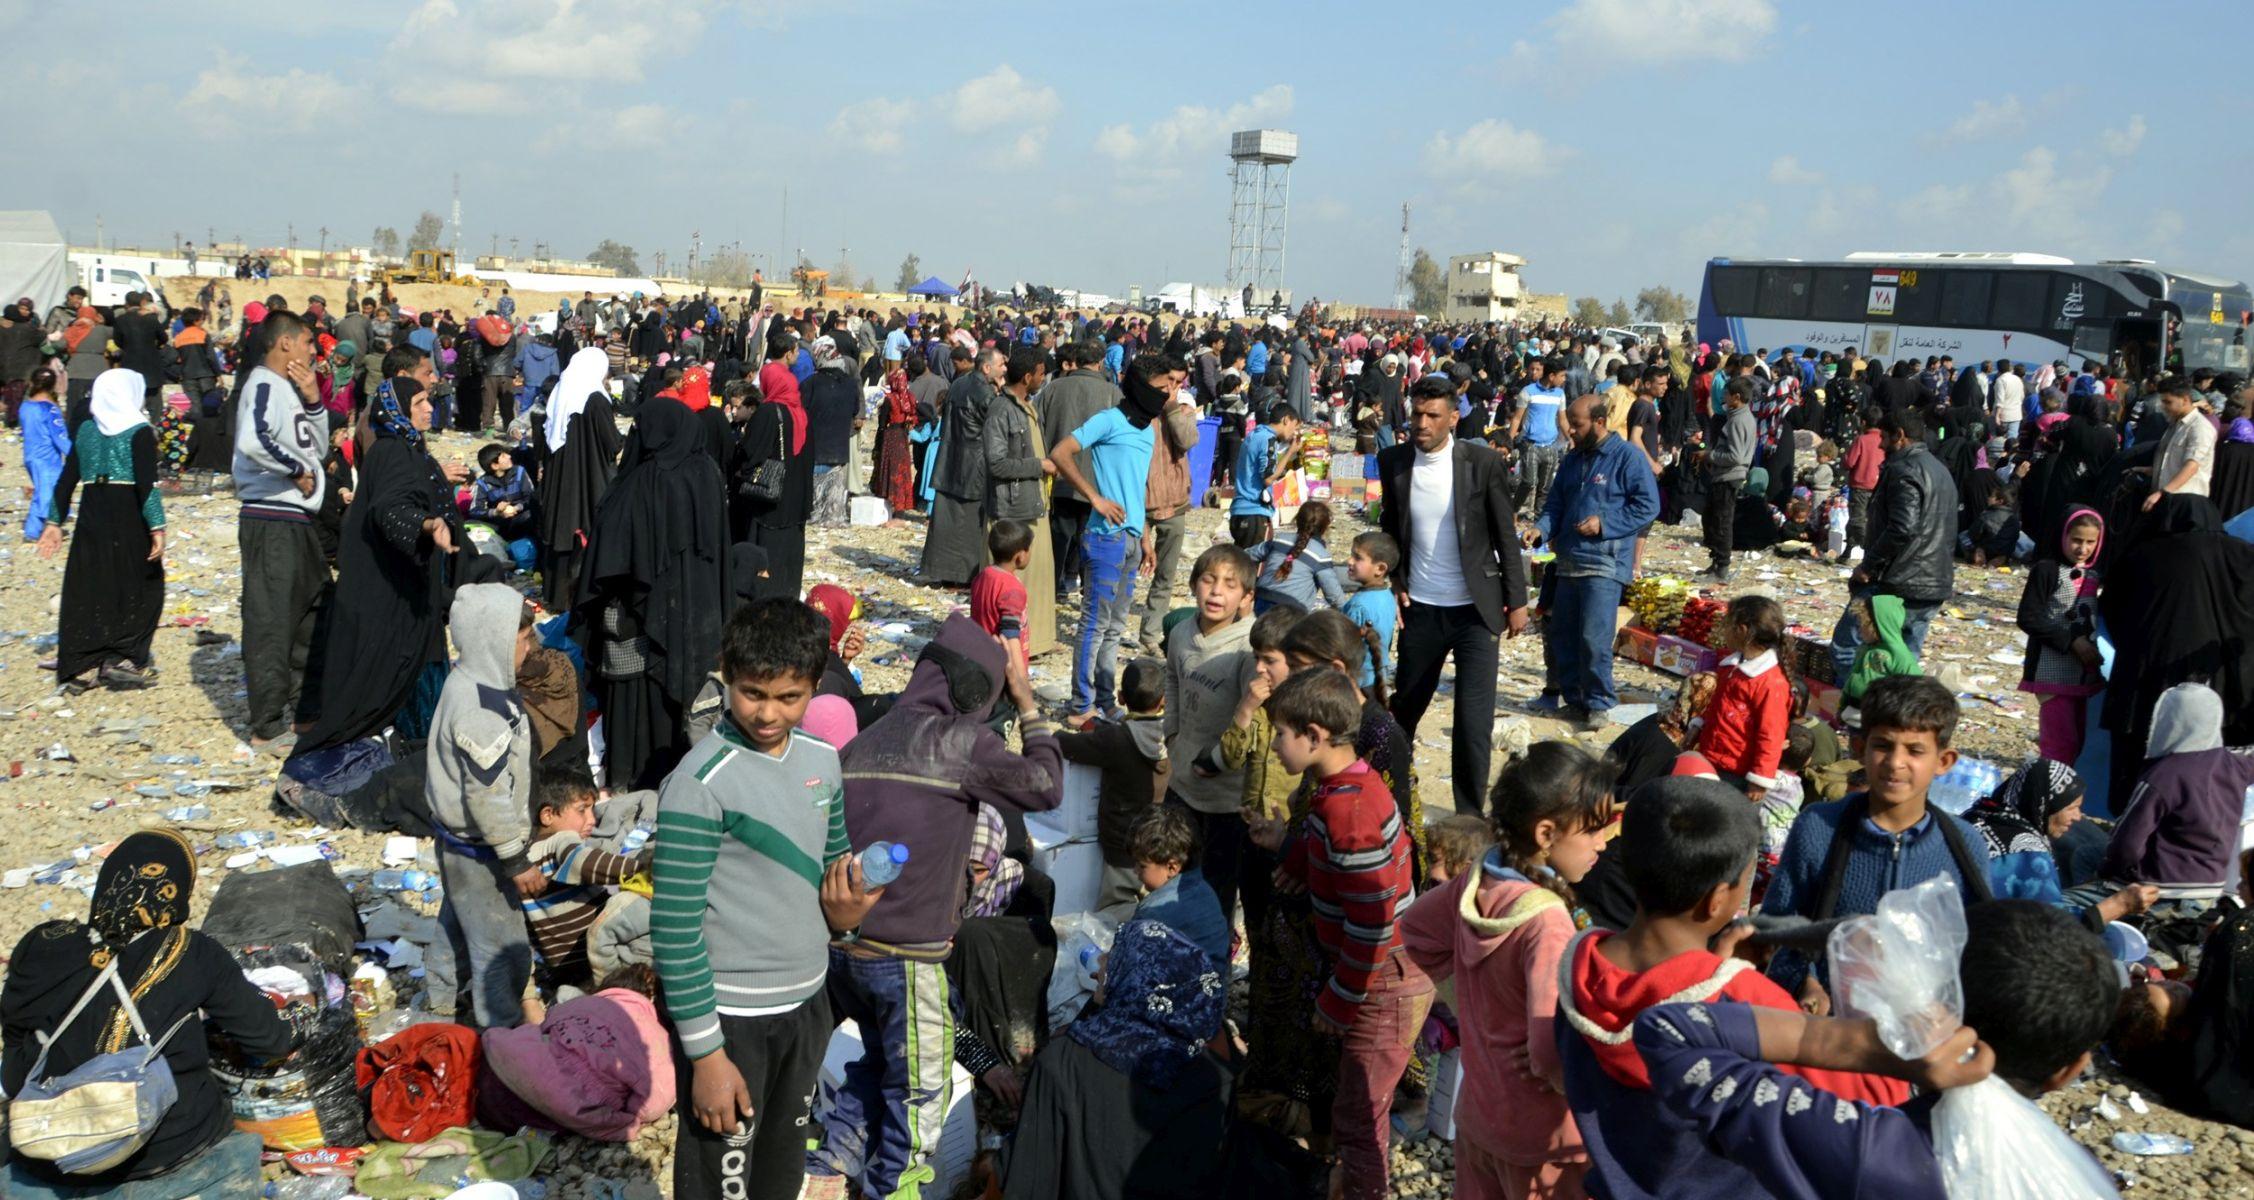 GENERAL TOWNSEND 'SAD je vjerojatno imao ulogu u eksplozijama u Mosulu'